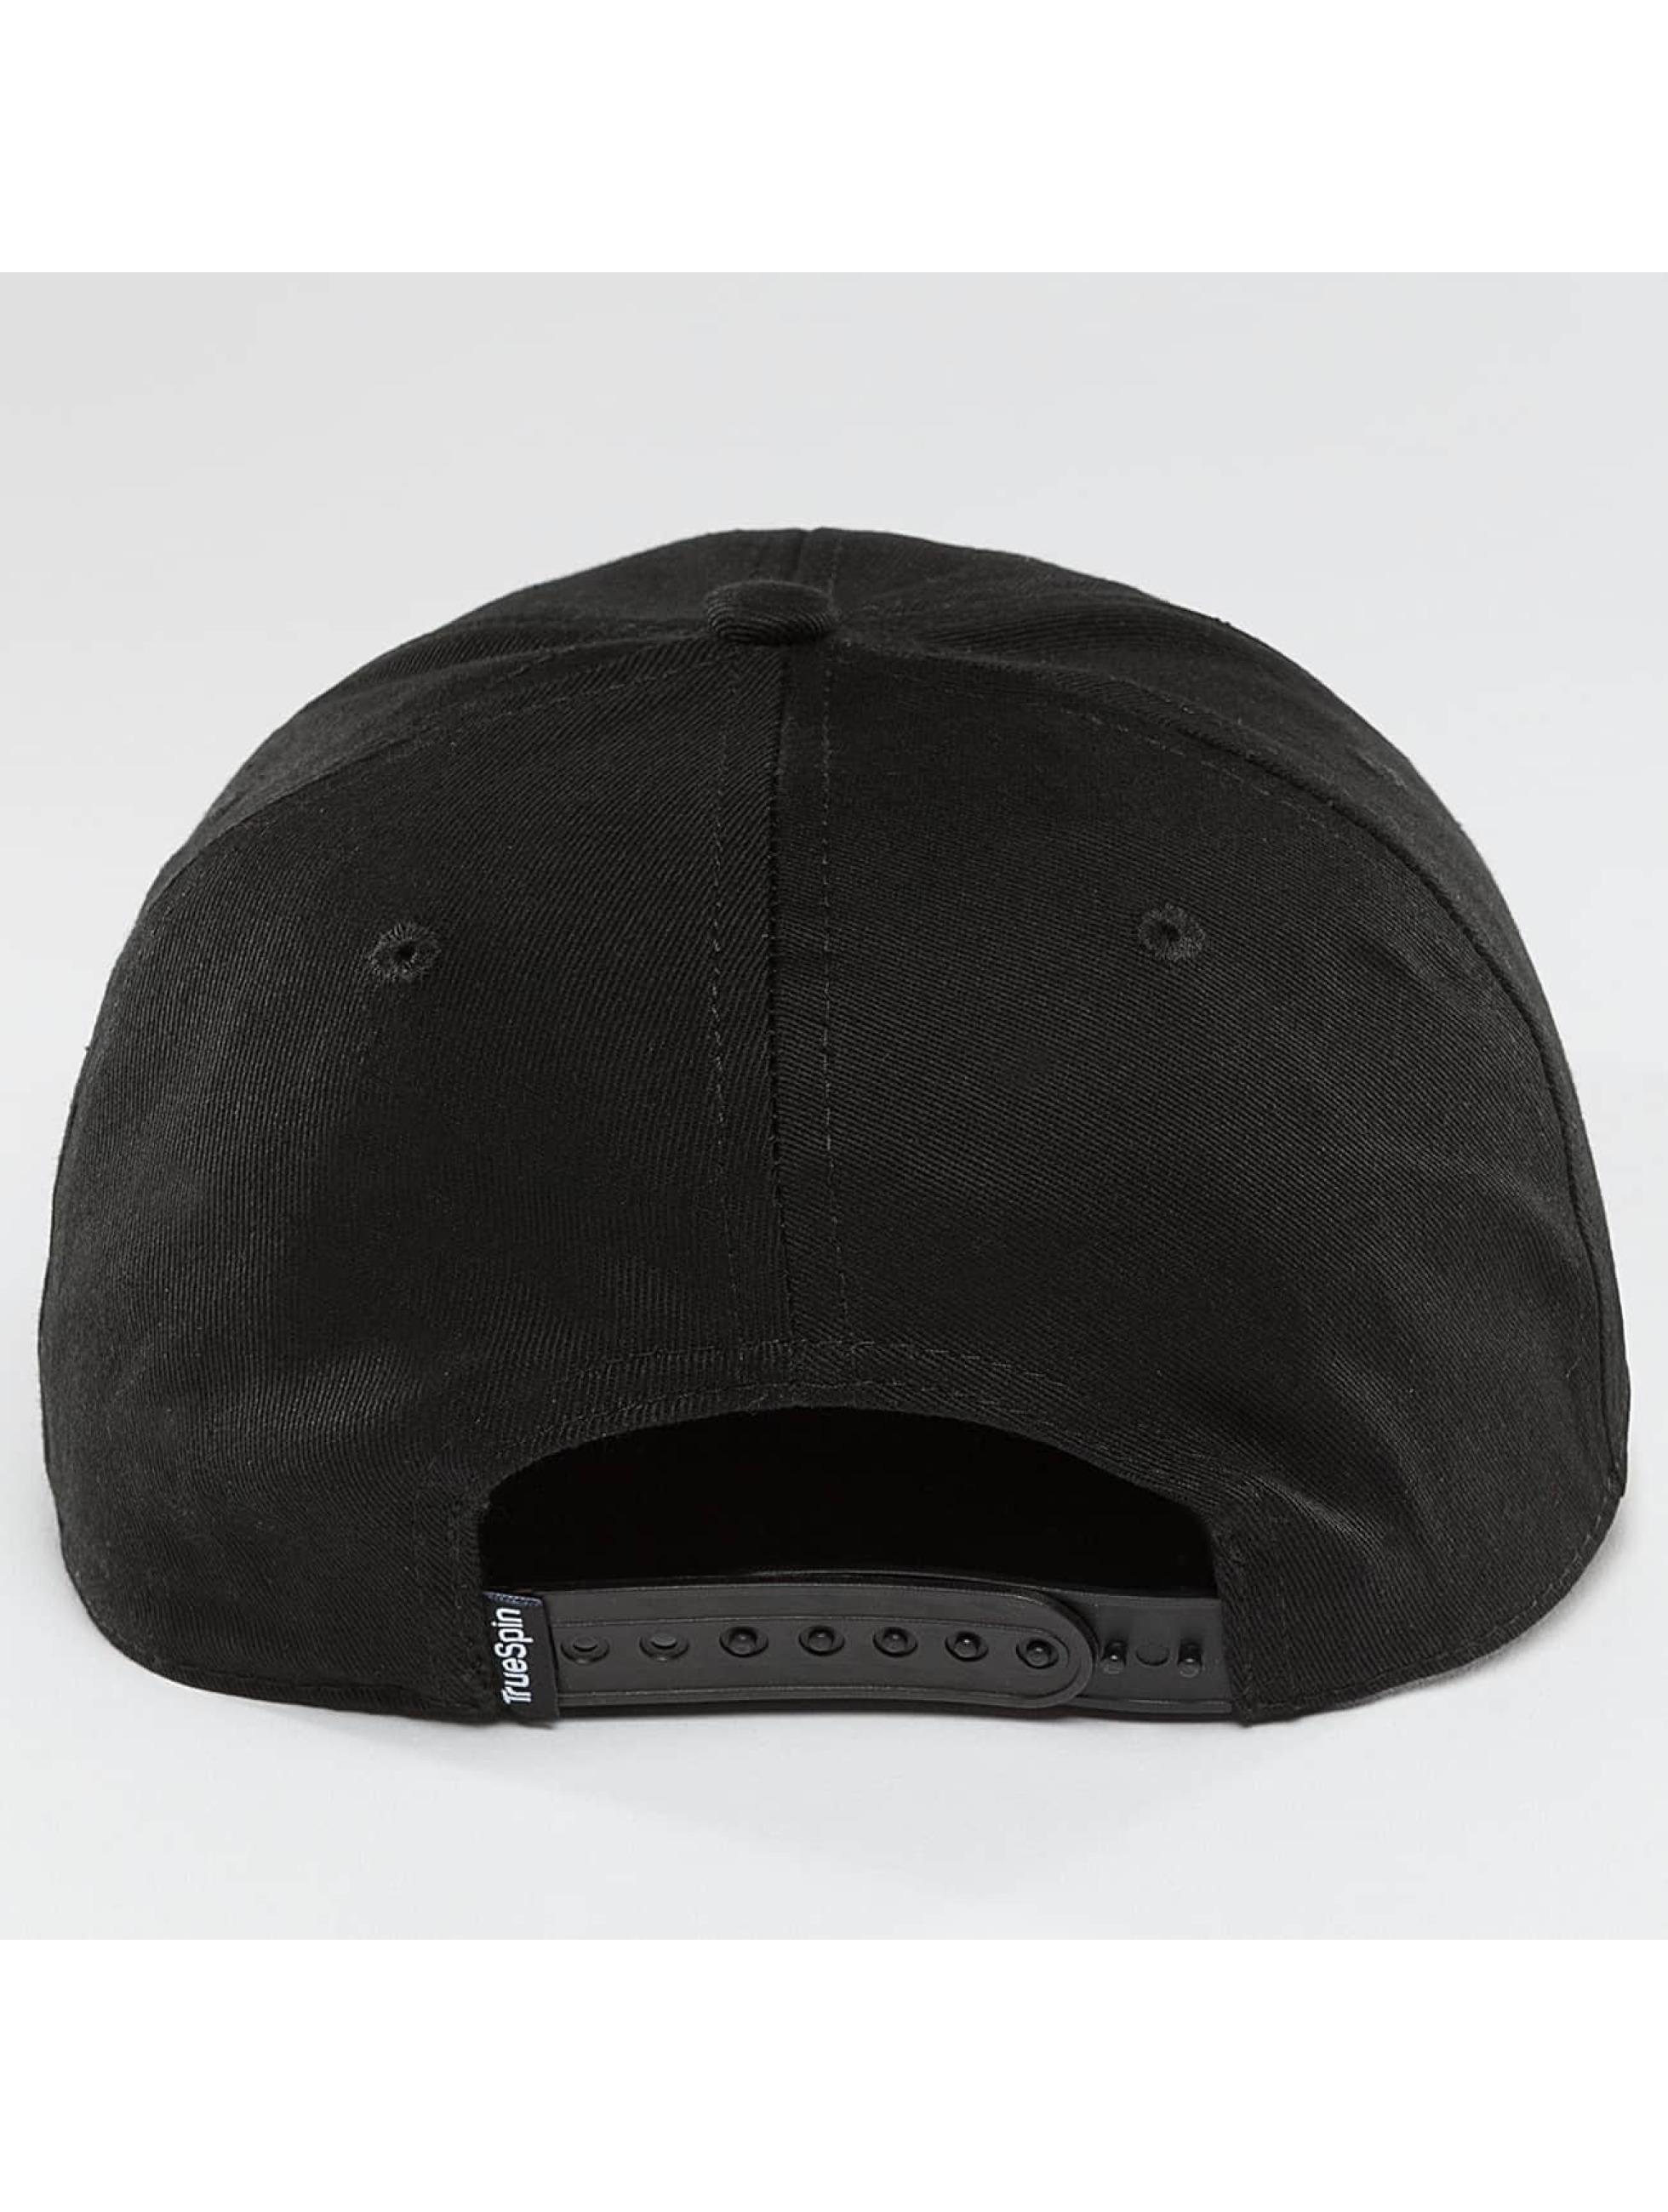 TrueSpin Gorra Snapback Täskulap negro